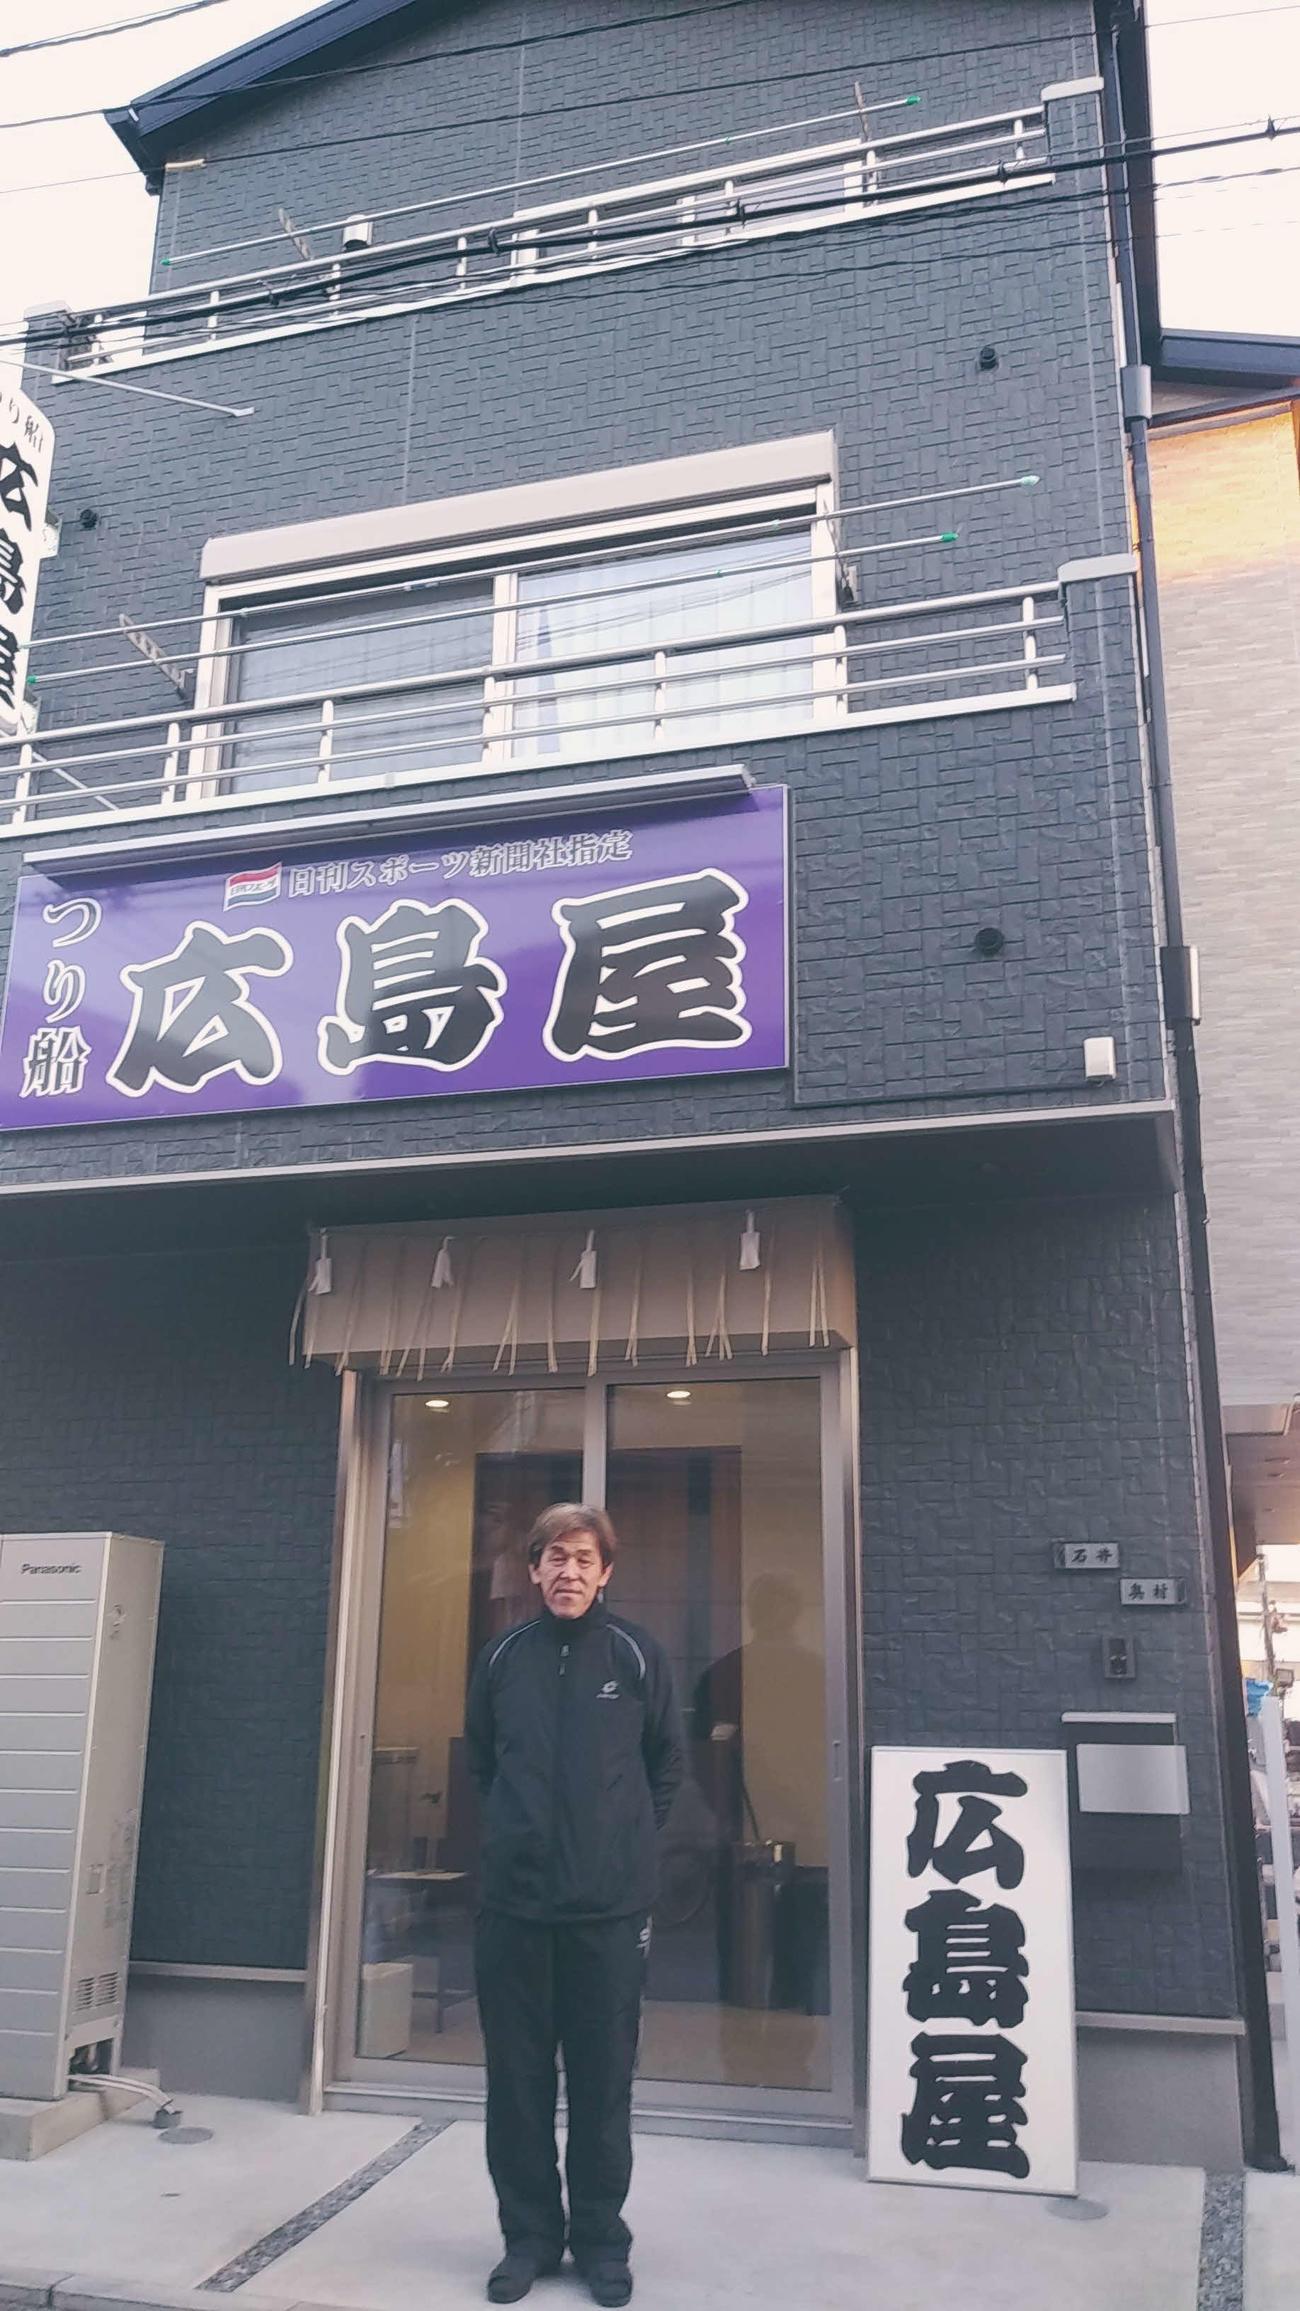 今月7日から稼働した新店舗。石井晃船長は「よろしくお願いします」とえりを正して直立